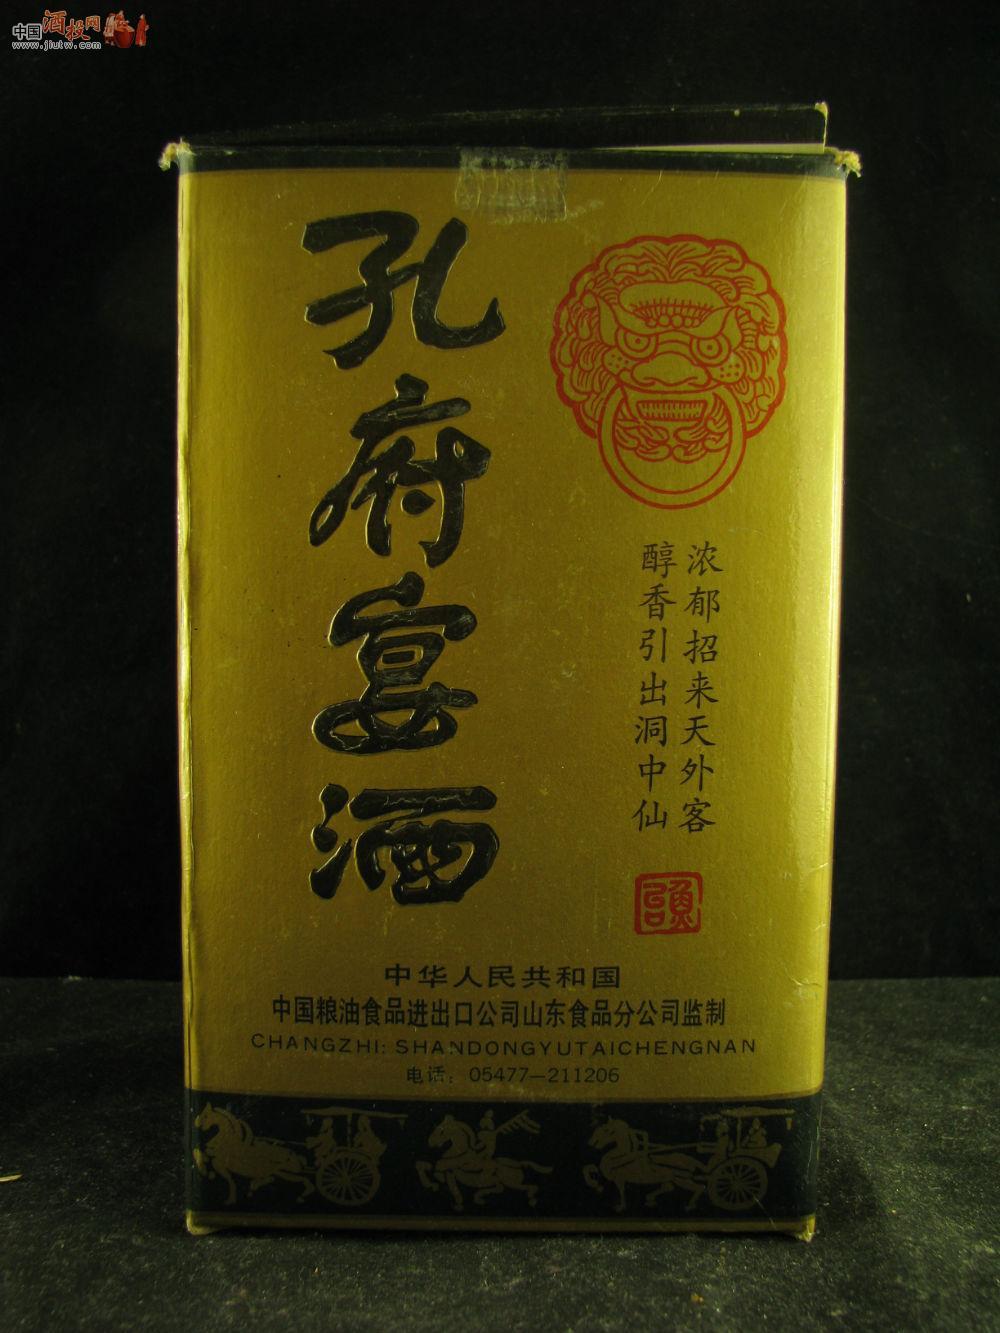 孔府宴酒36度价格和图片_90年代孔府宴酒 价格表 中国酒投网 陈酒老酒出售平台